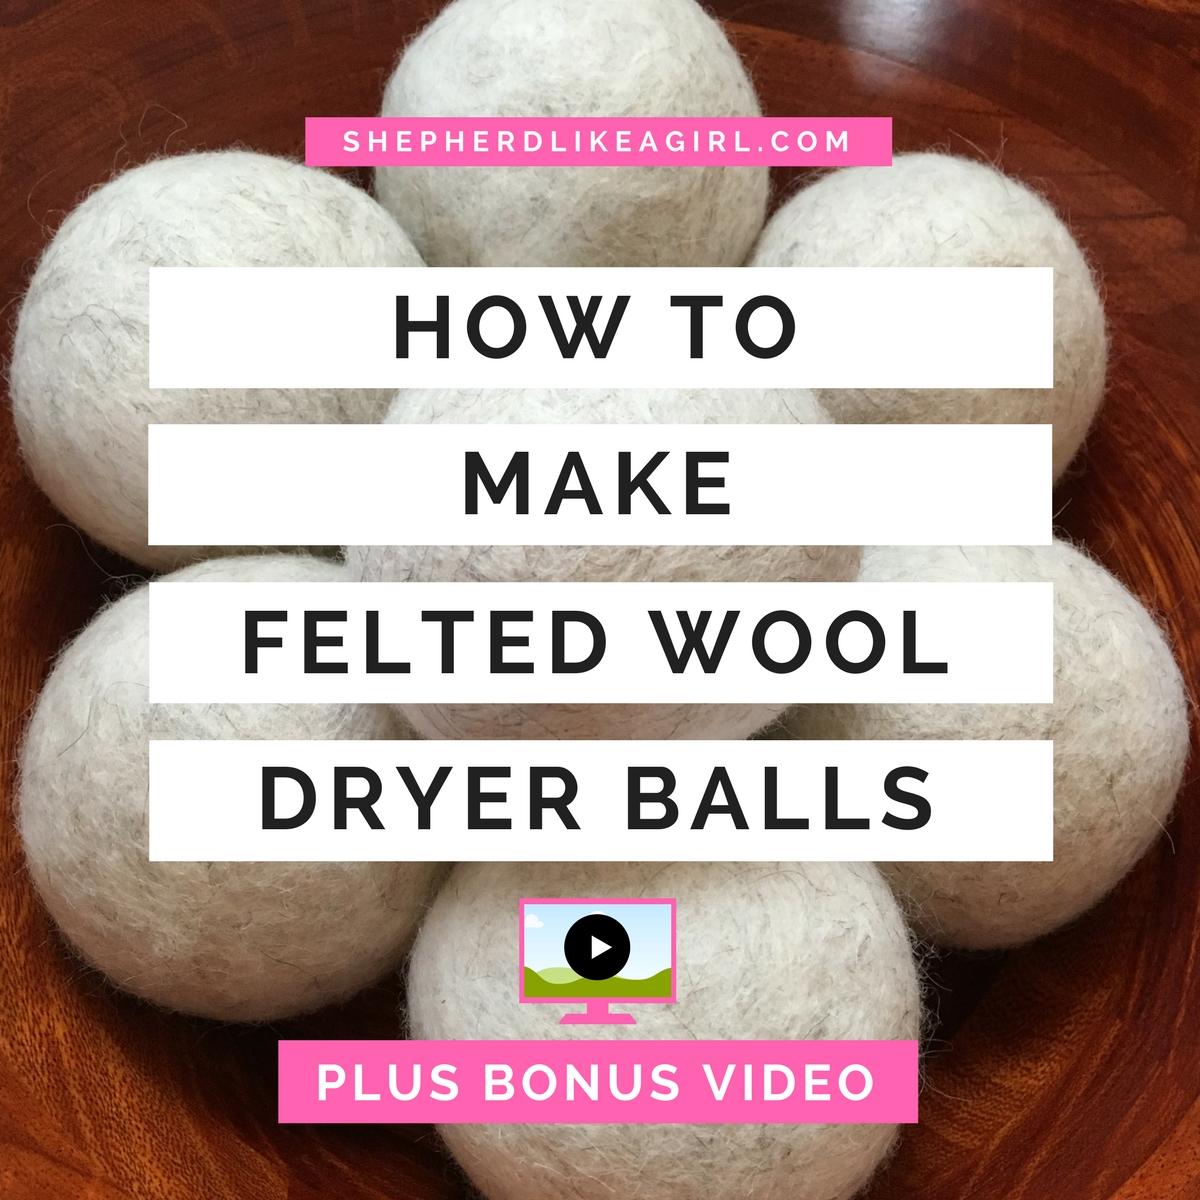 how to make felted wool dryer balls diy sheep crafts. Black Bedroom Furniture Sets. Home Design Ideas